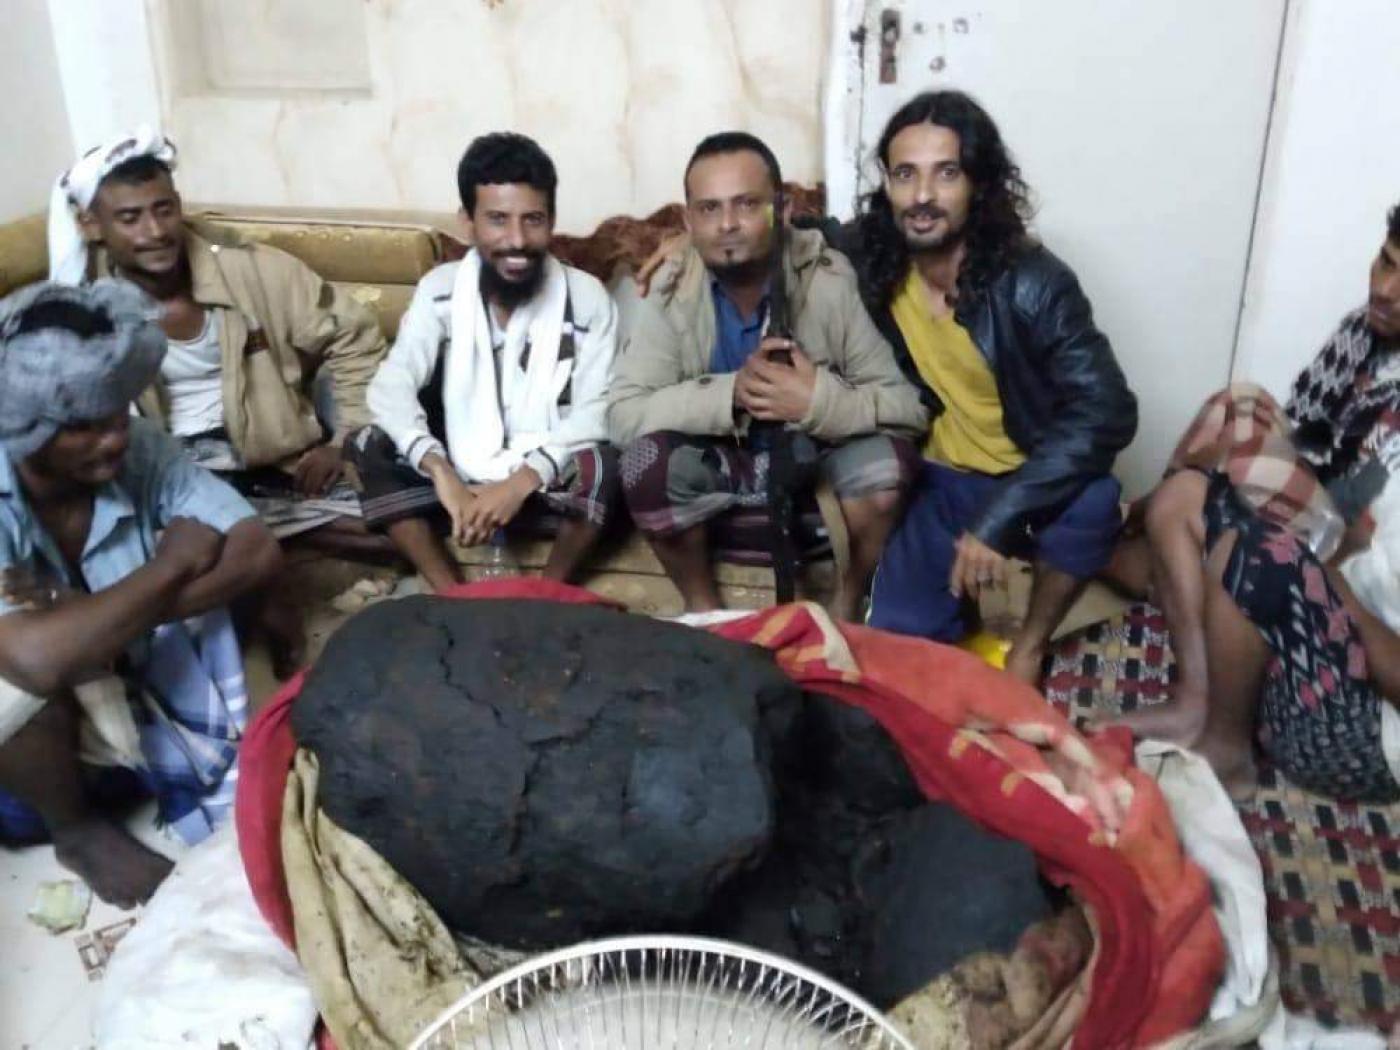 价值150万美元:也门渔民鲸尸内发现龙涎香,为何价值那么高?